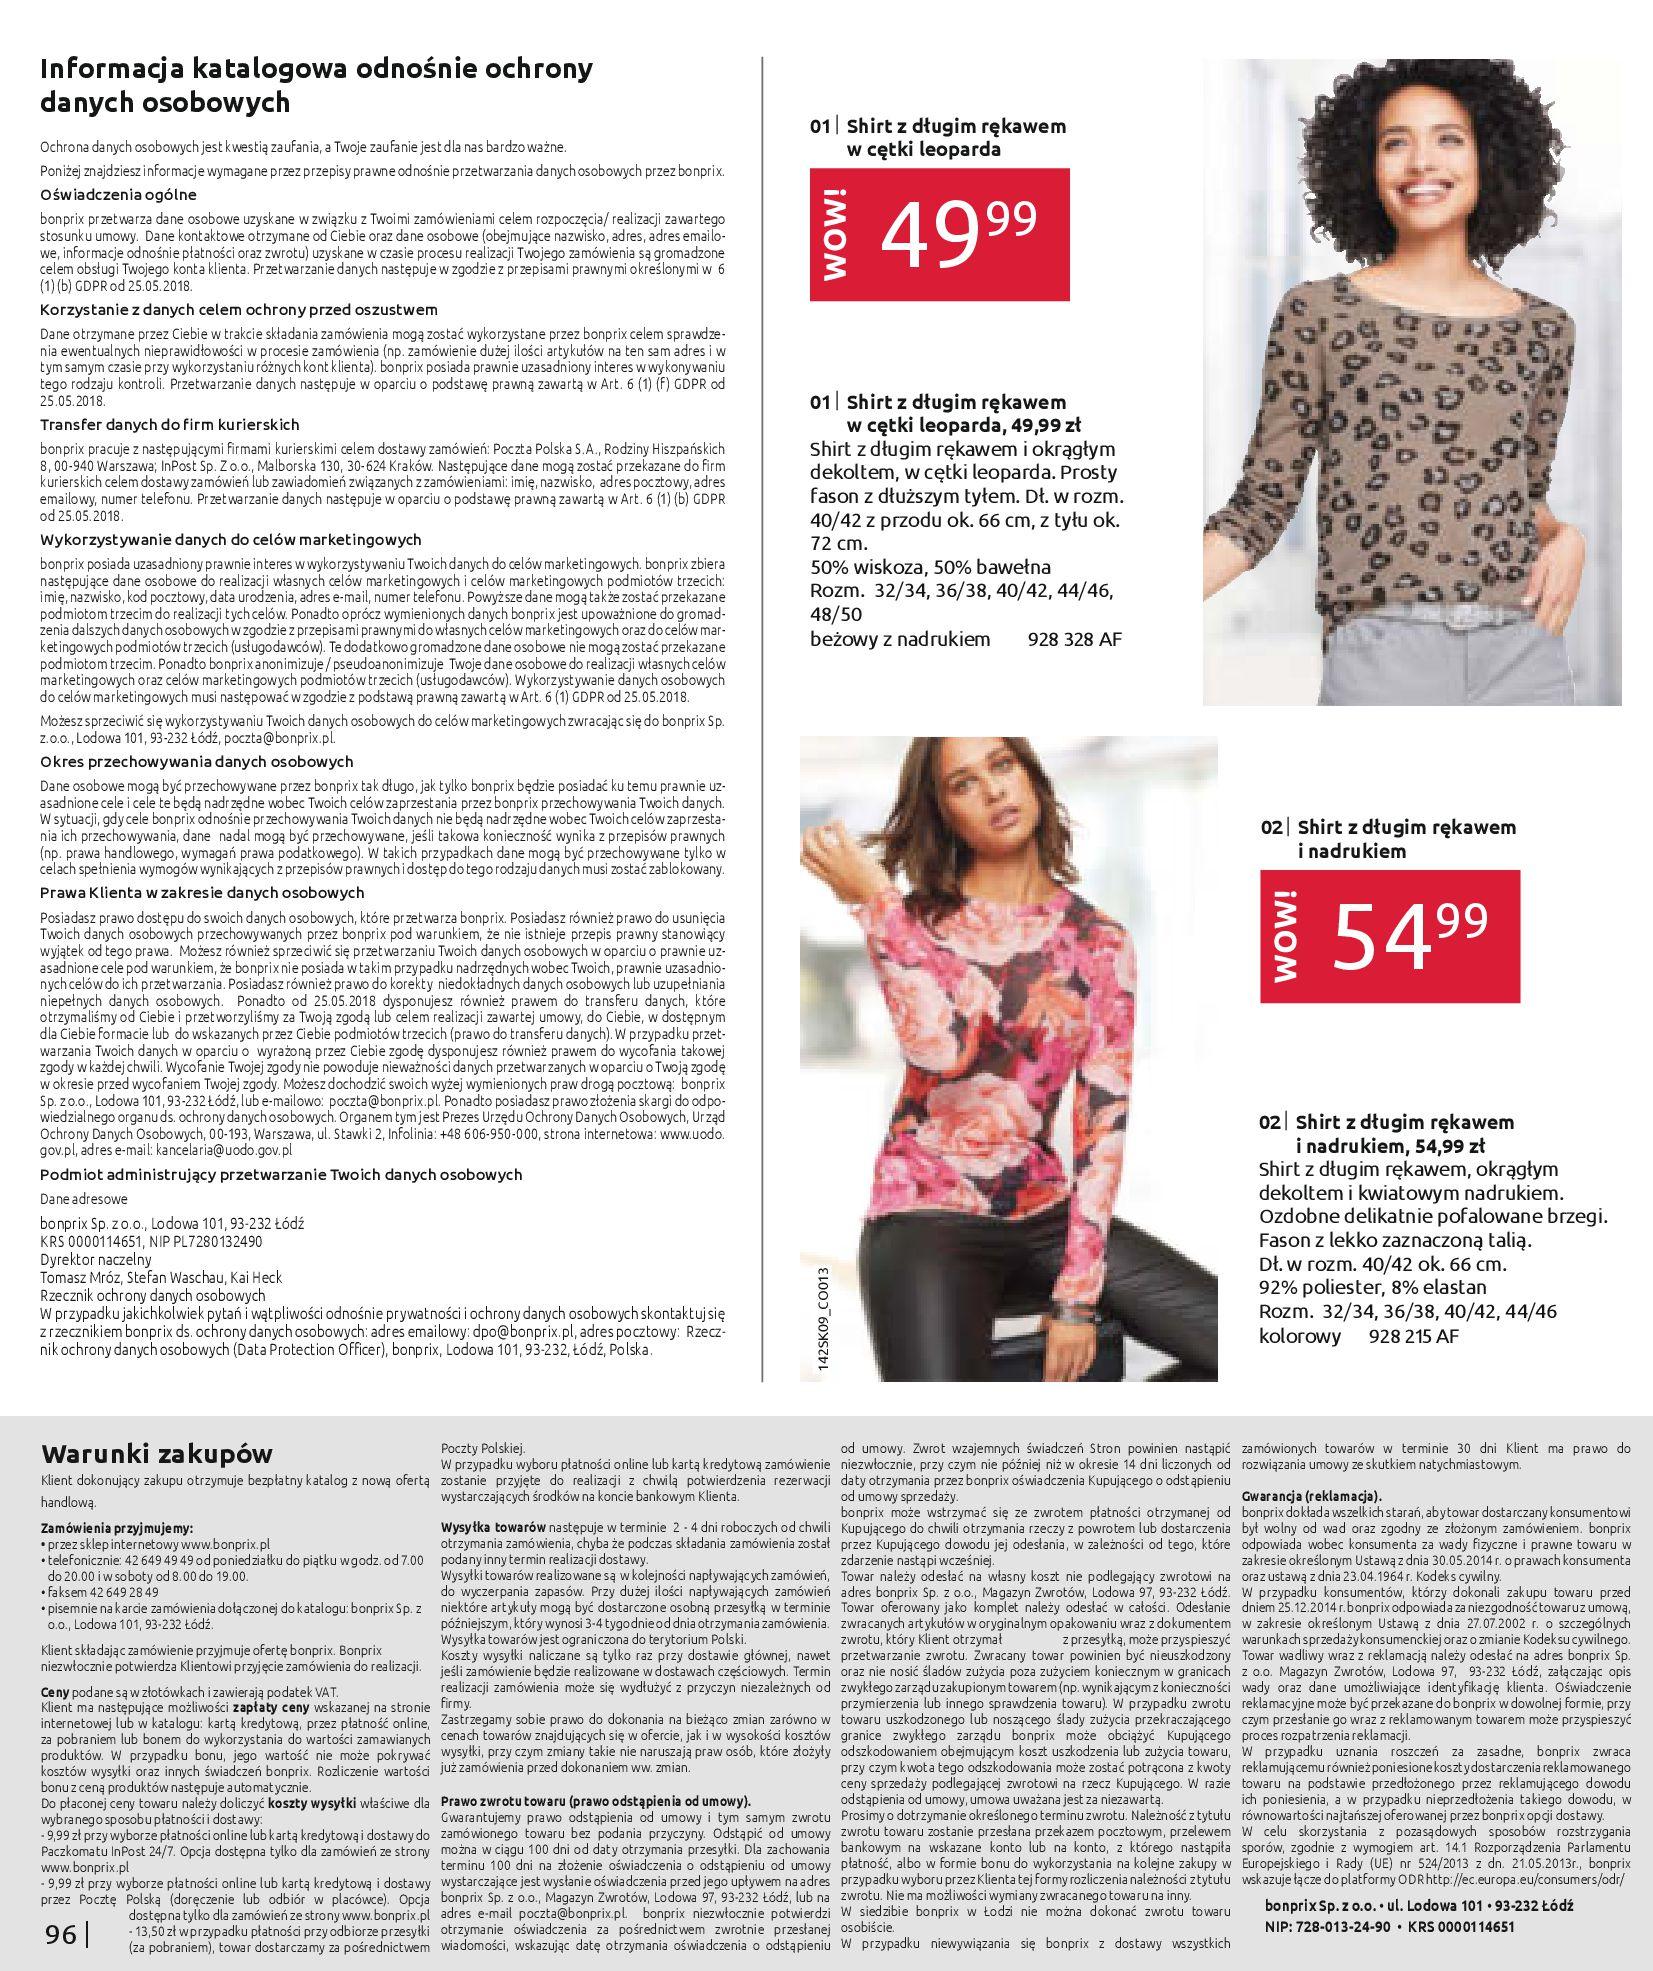 Gazetka Bonprix - Jesienny look-31.08.2020-28.02.2021-page-98